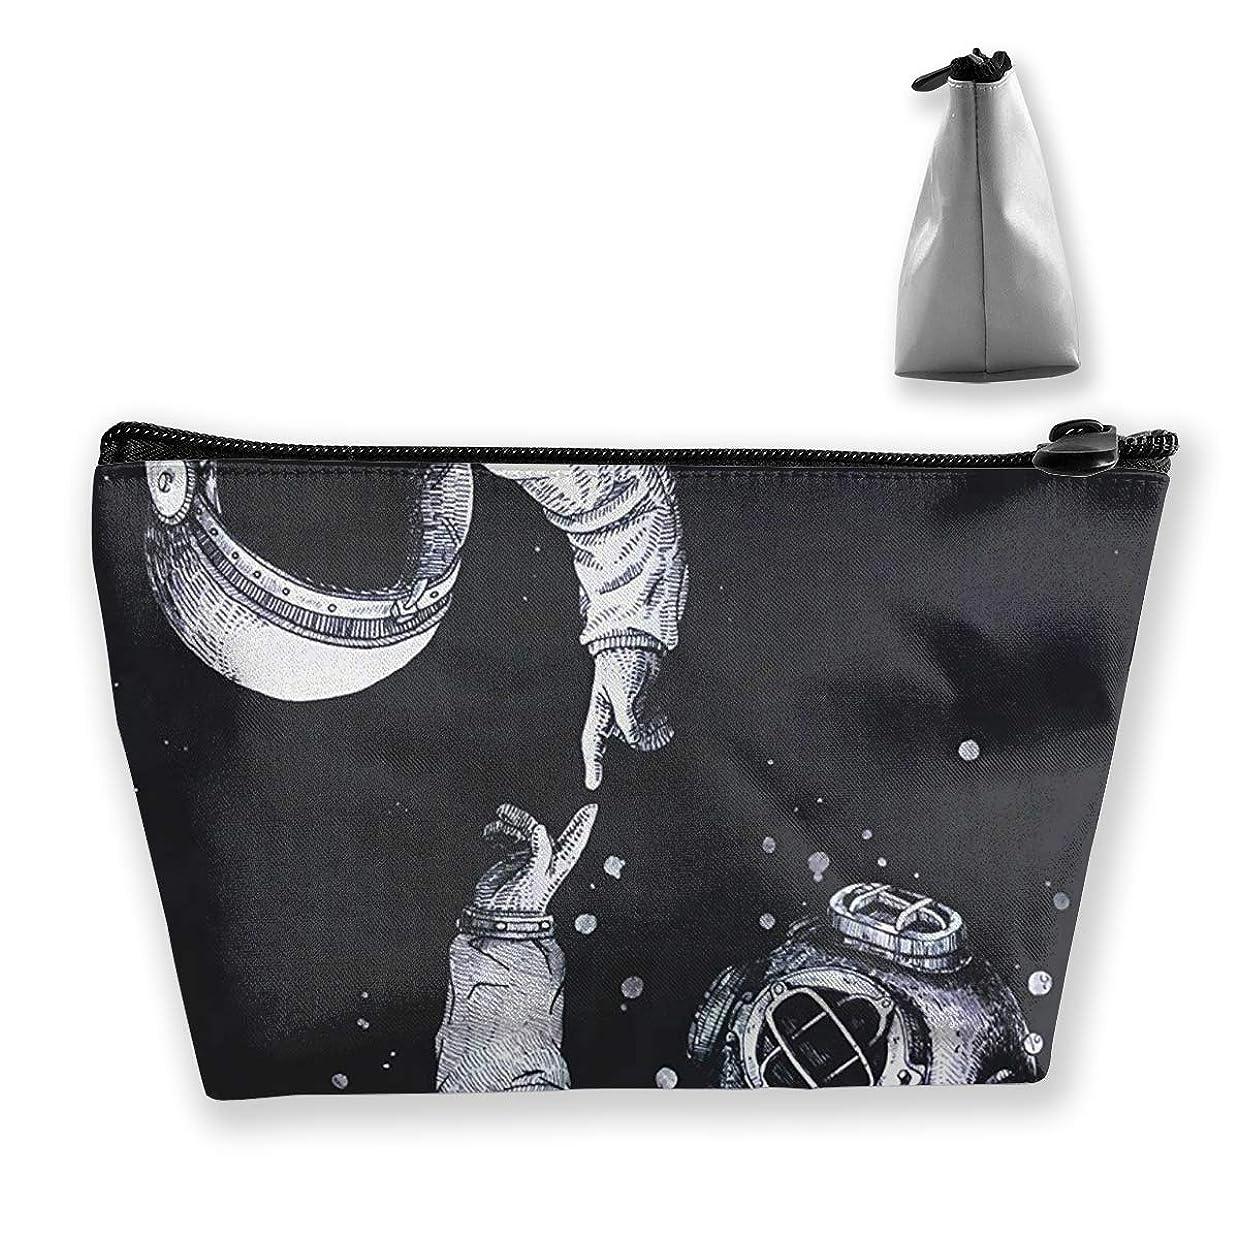 下に憂鬱限定台形 レディース 化粧ポーチ トラベルポーチ 旅行 ハンドバッグ 宇宙飛行士 コスメ メイクポーチ コイン 鍵 小物入れ 化粧品 収納ケース